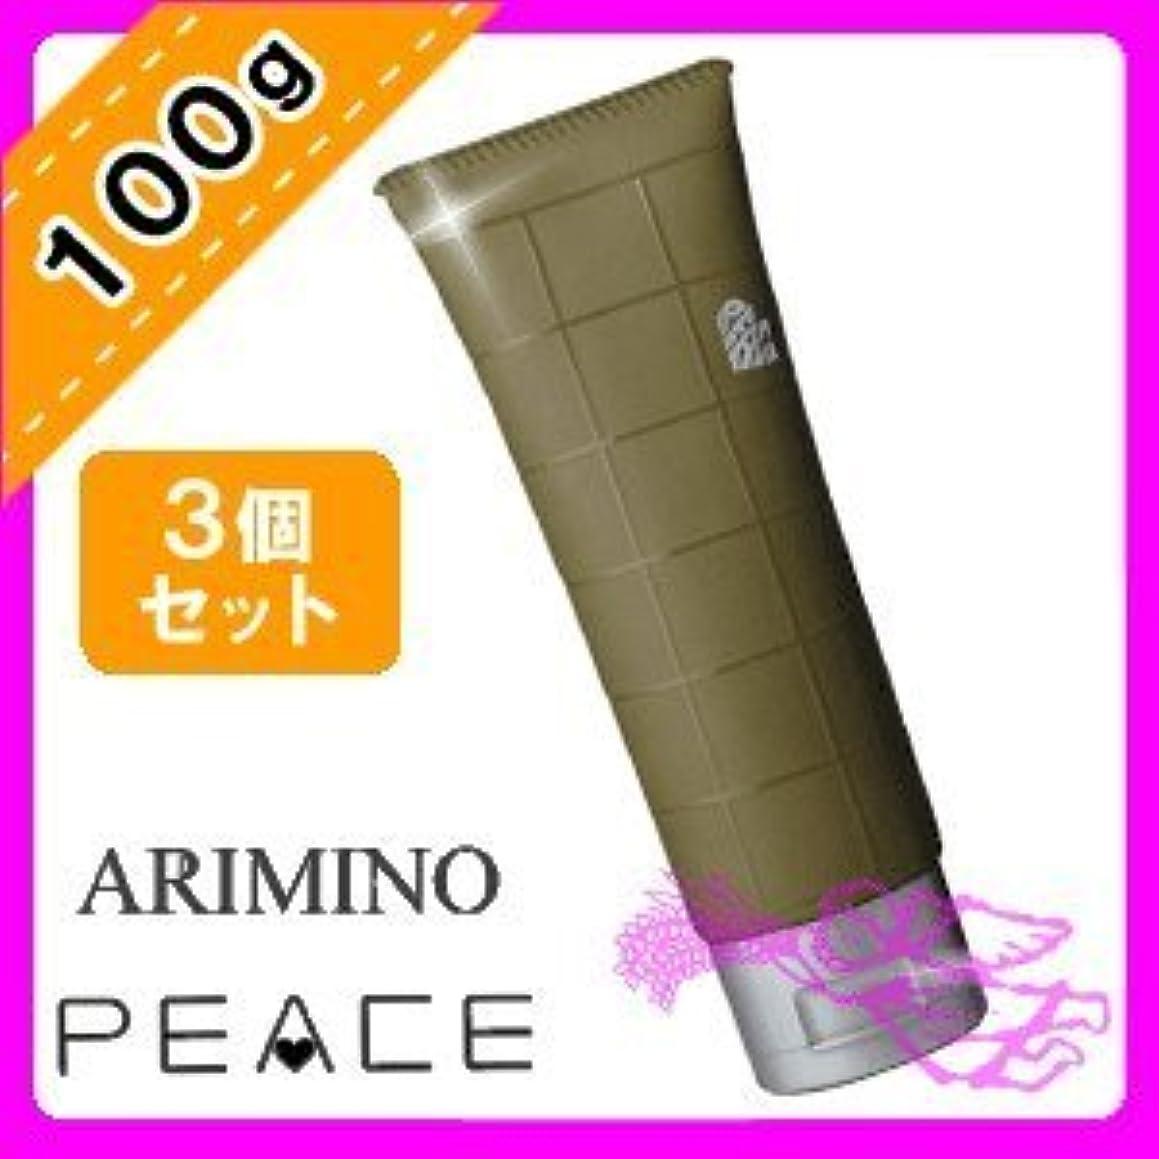 ピラミッドモデレータ無謀アリミノ ピース ウェットオイル ワックス 100g ×3個セット arimino PEACE